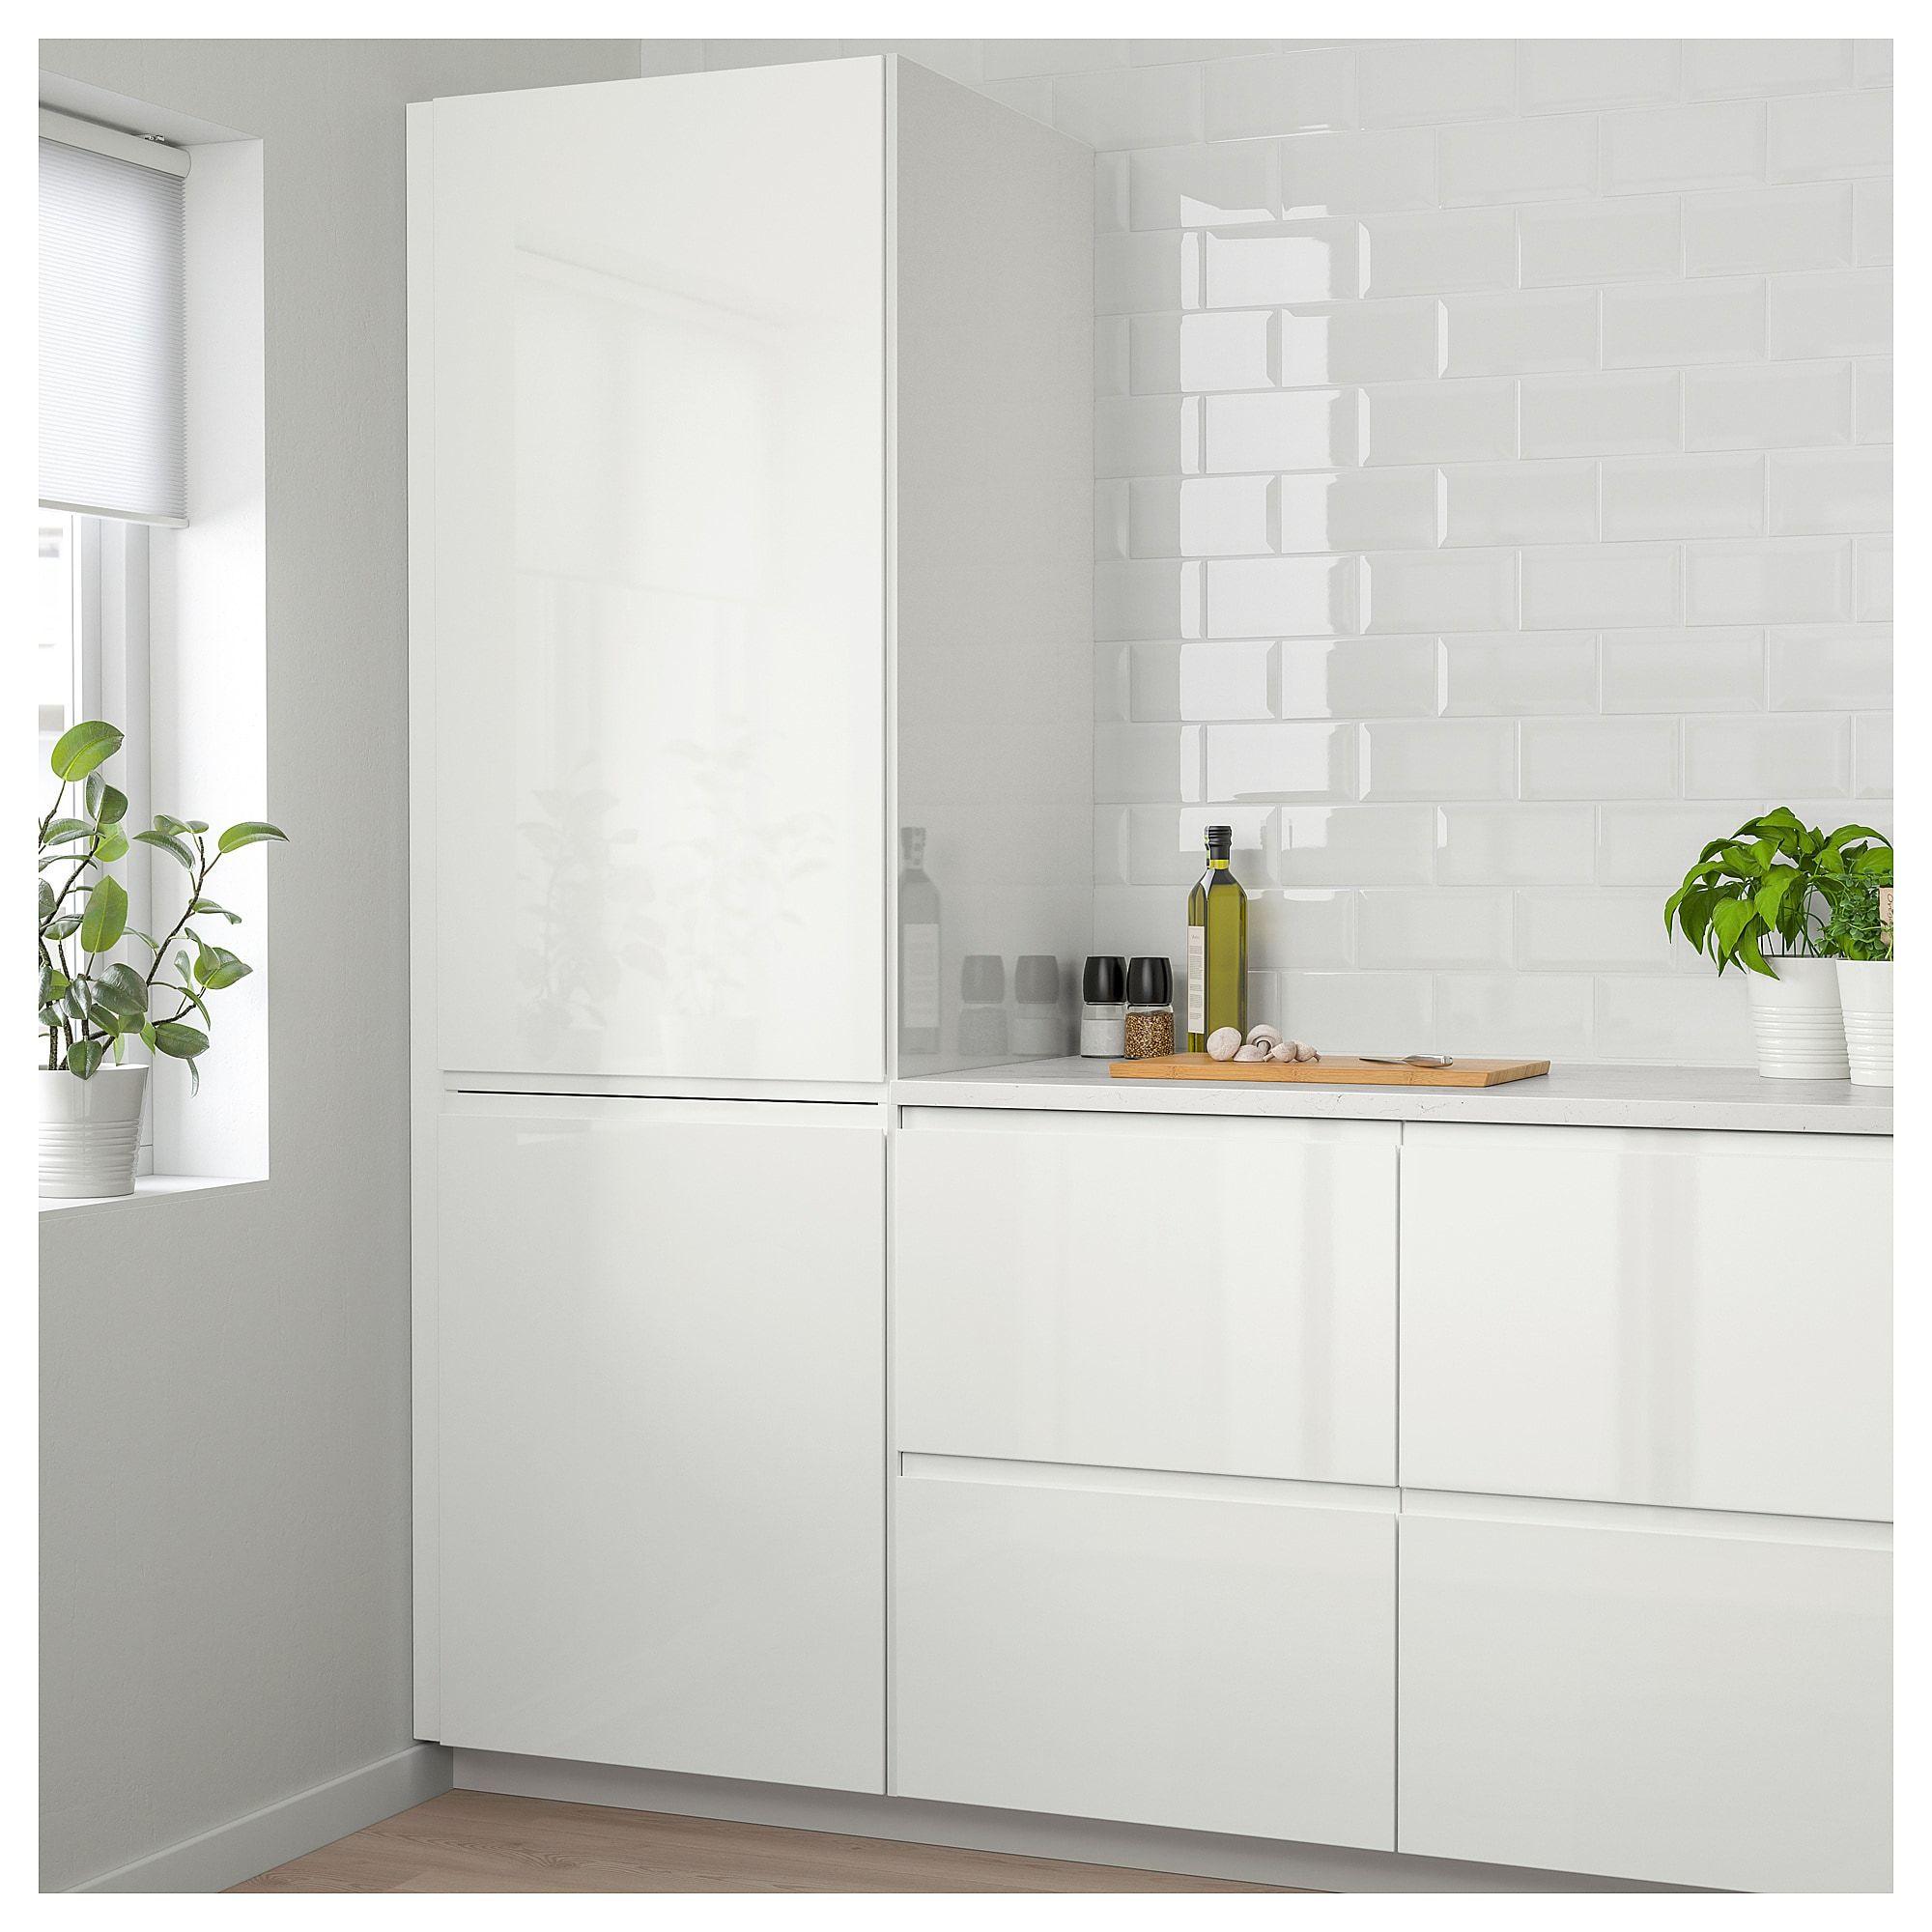 Voxtorp Tür Hochglanz Weiß In 2019 Products Weiße Türen